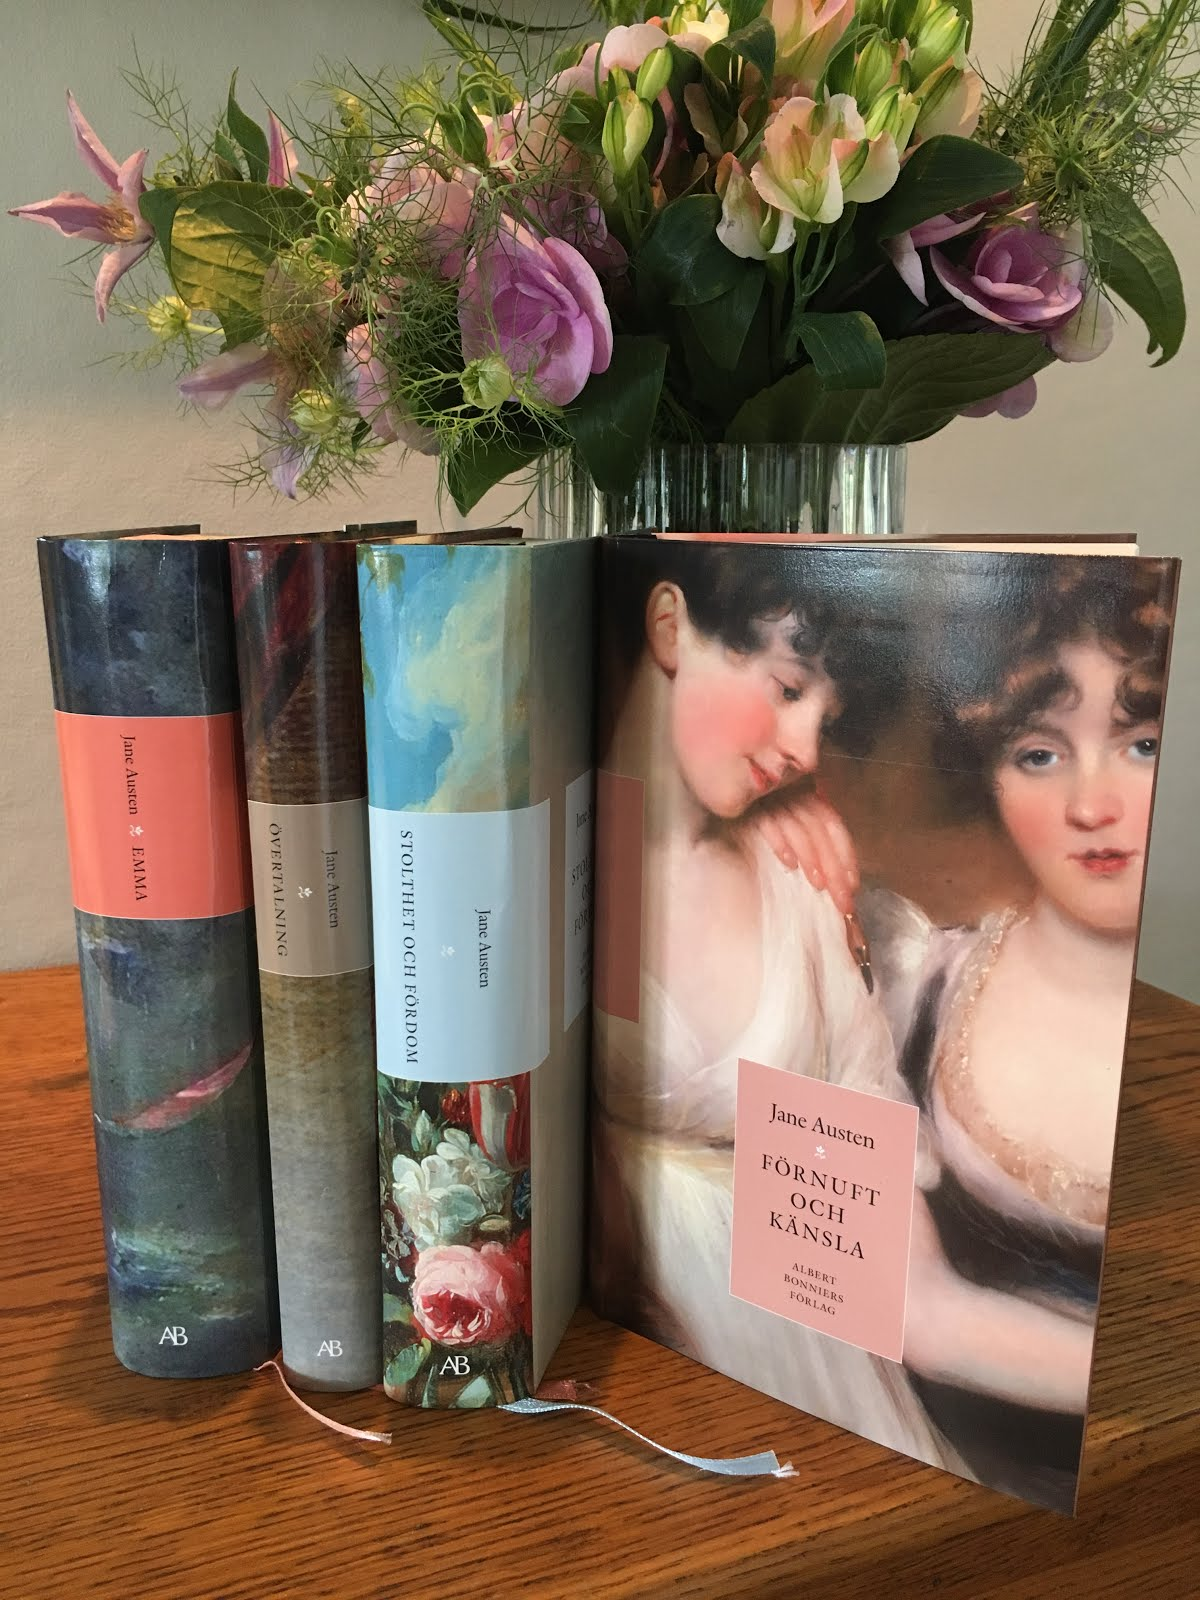 Jane Austen i nyöversättning